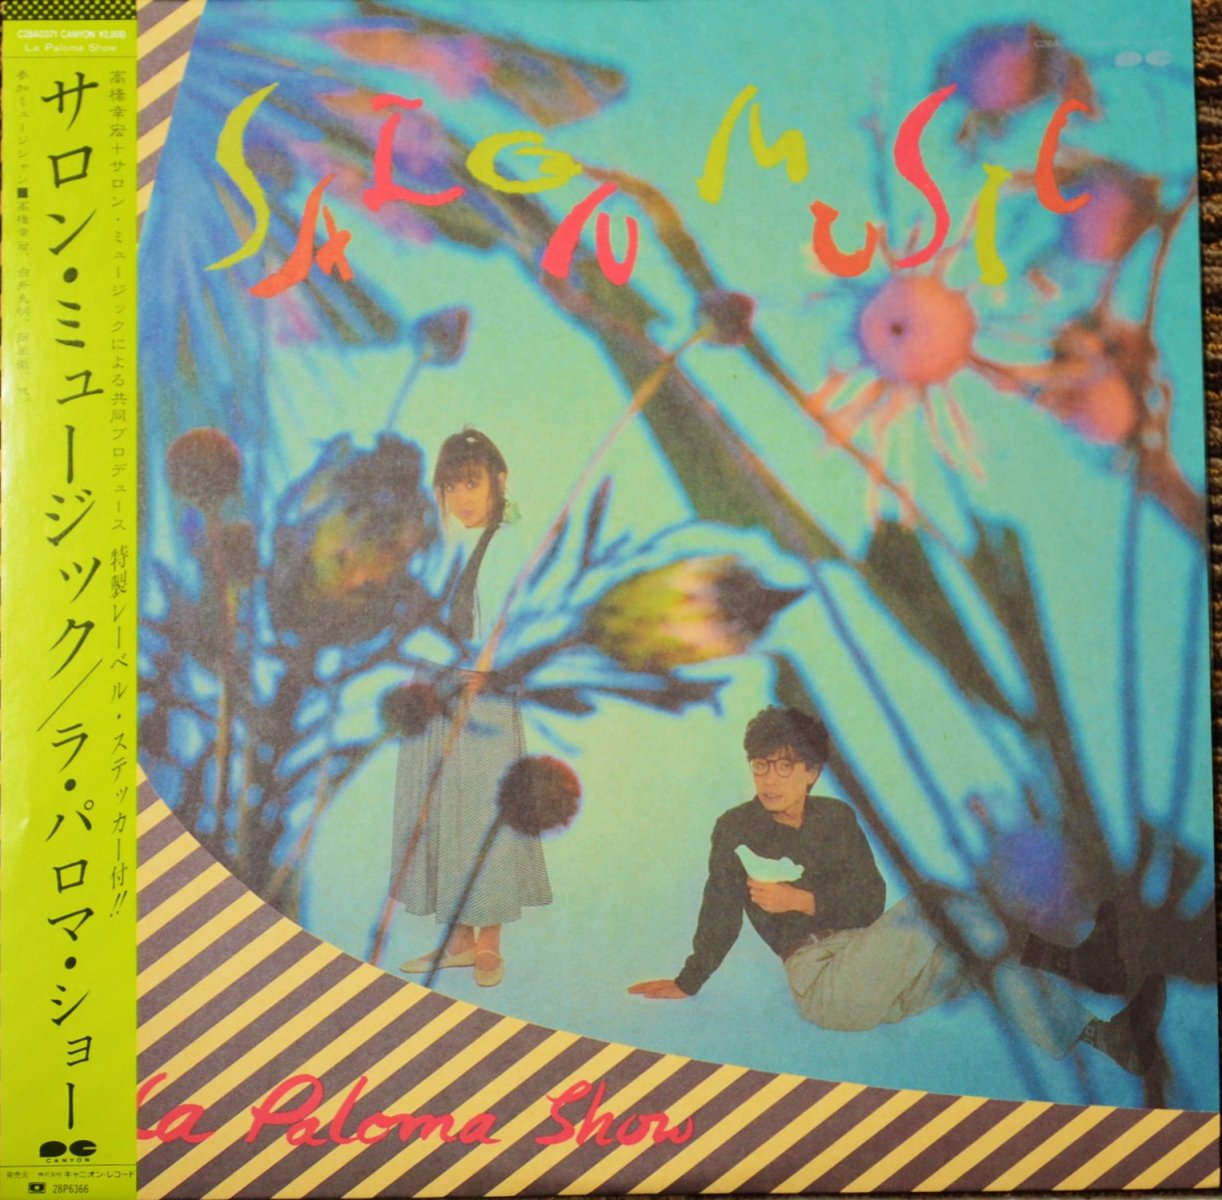 サロン・ミュージック SALON MUSIC / ラ・パロマ・ショー LA PALOMA SHOW (LP)